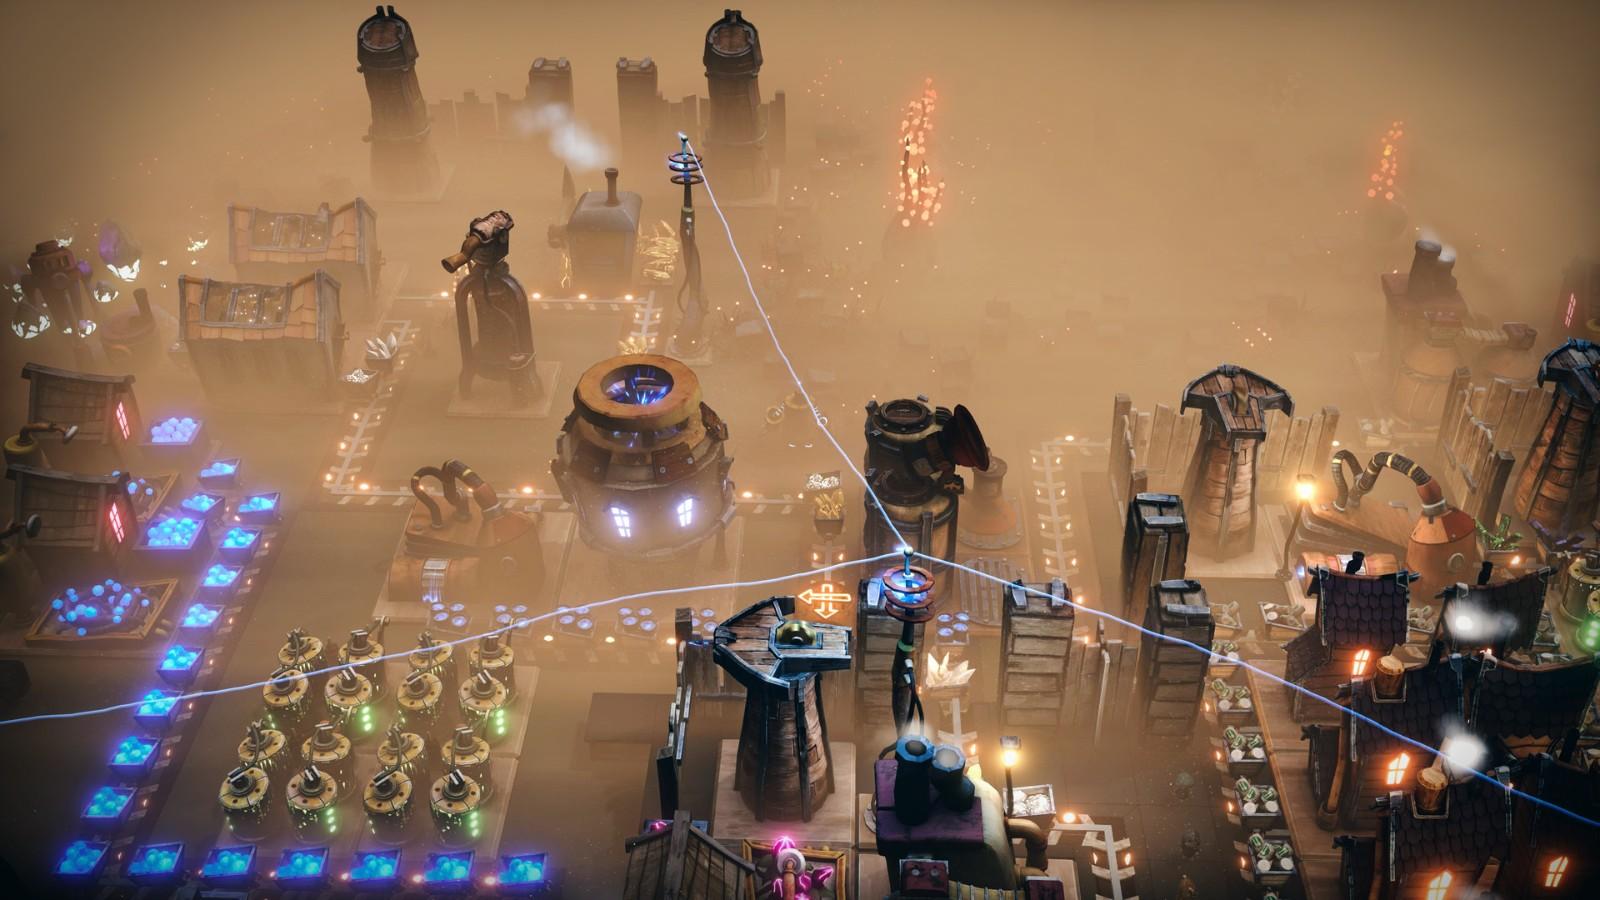 《梦幻引擎:游牧城市》PC配置公开 推荐GTX 970